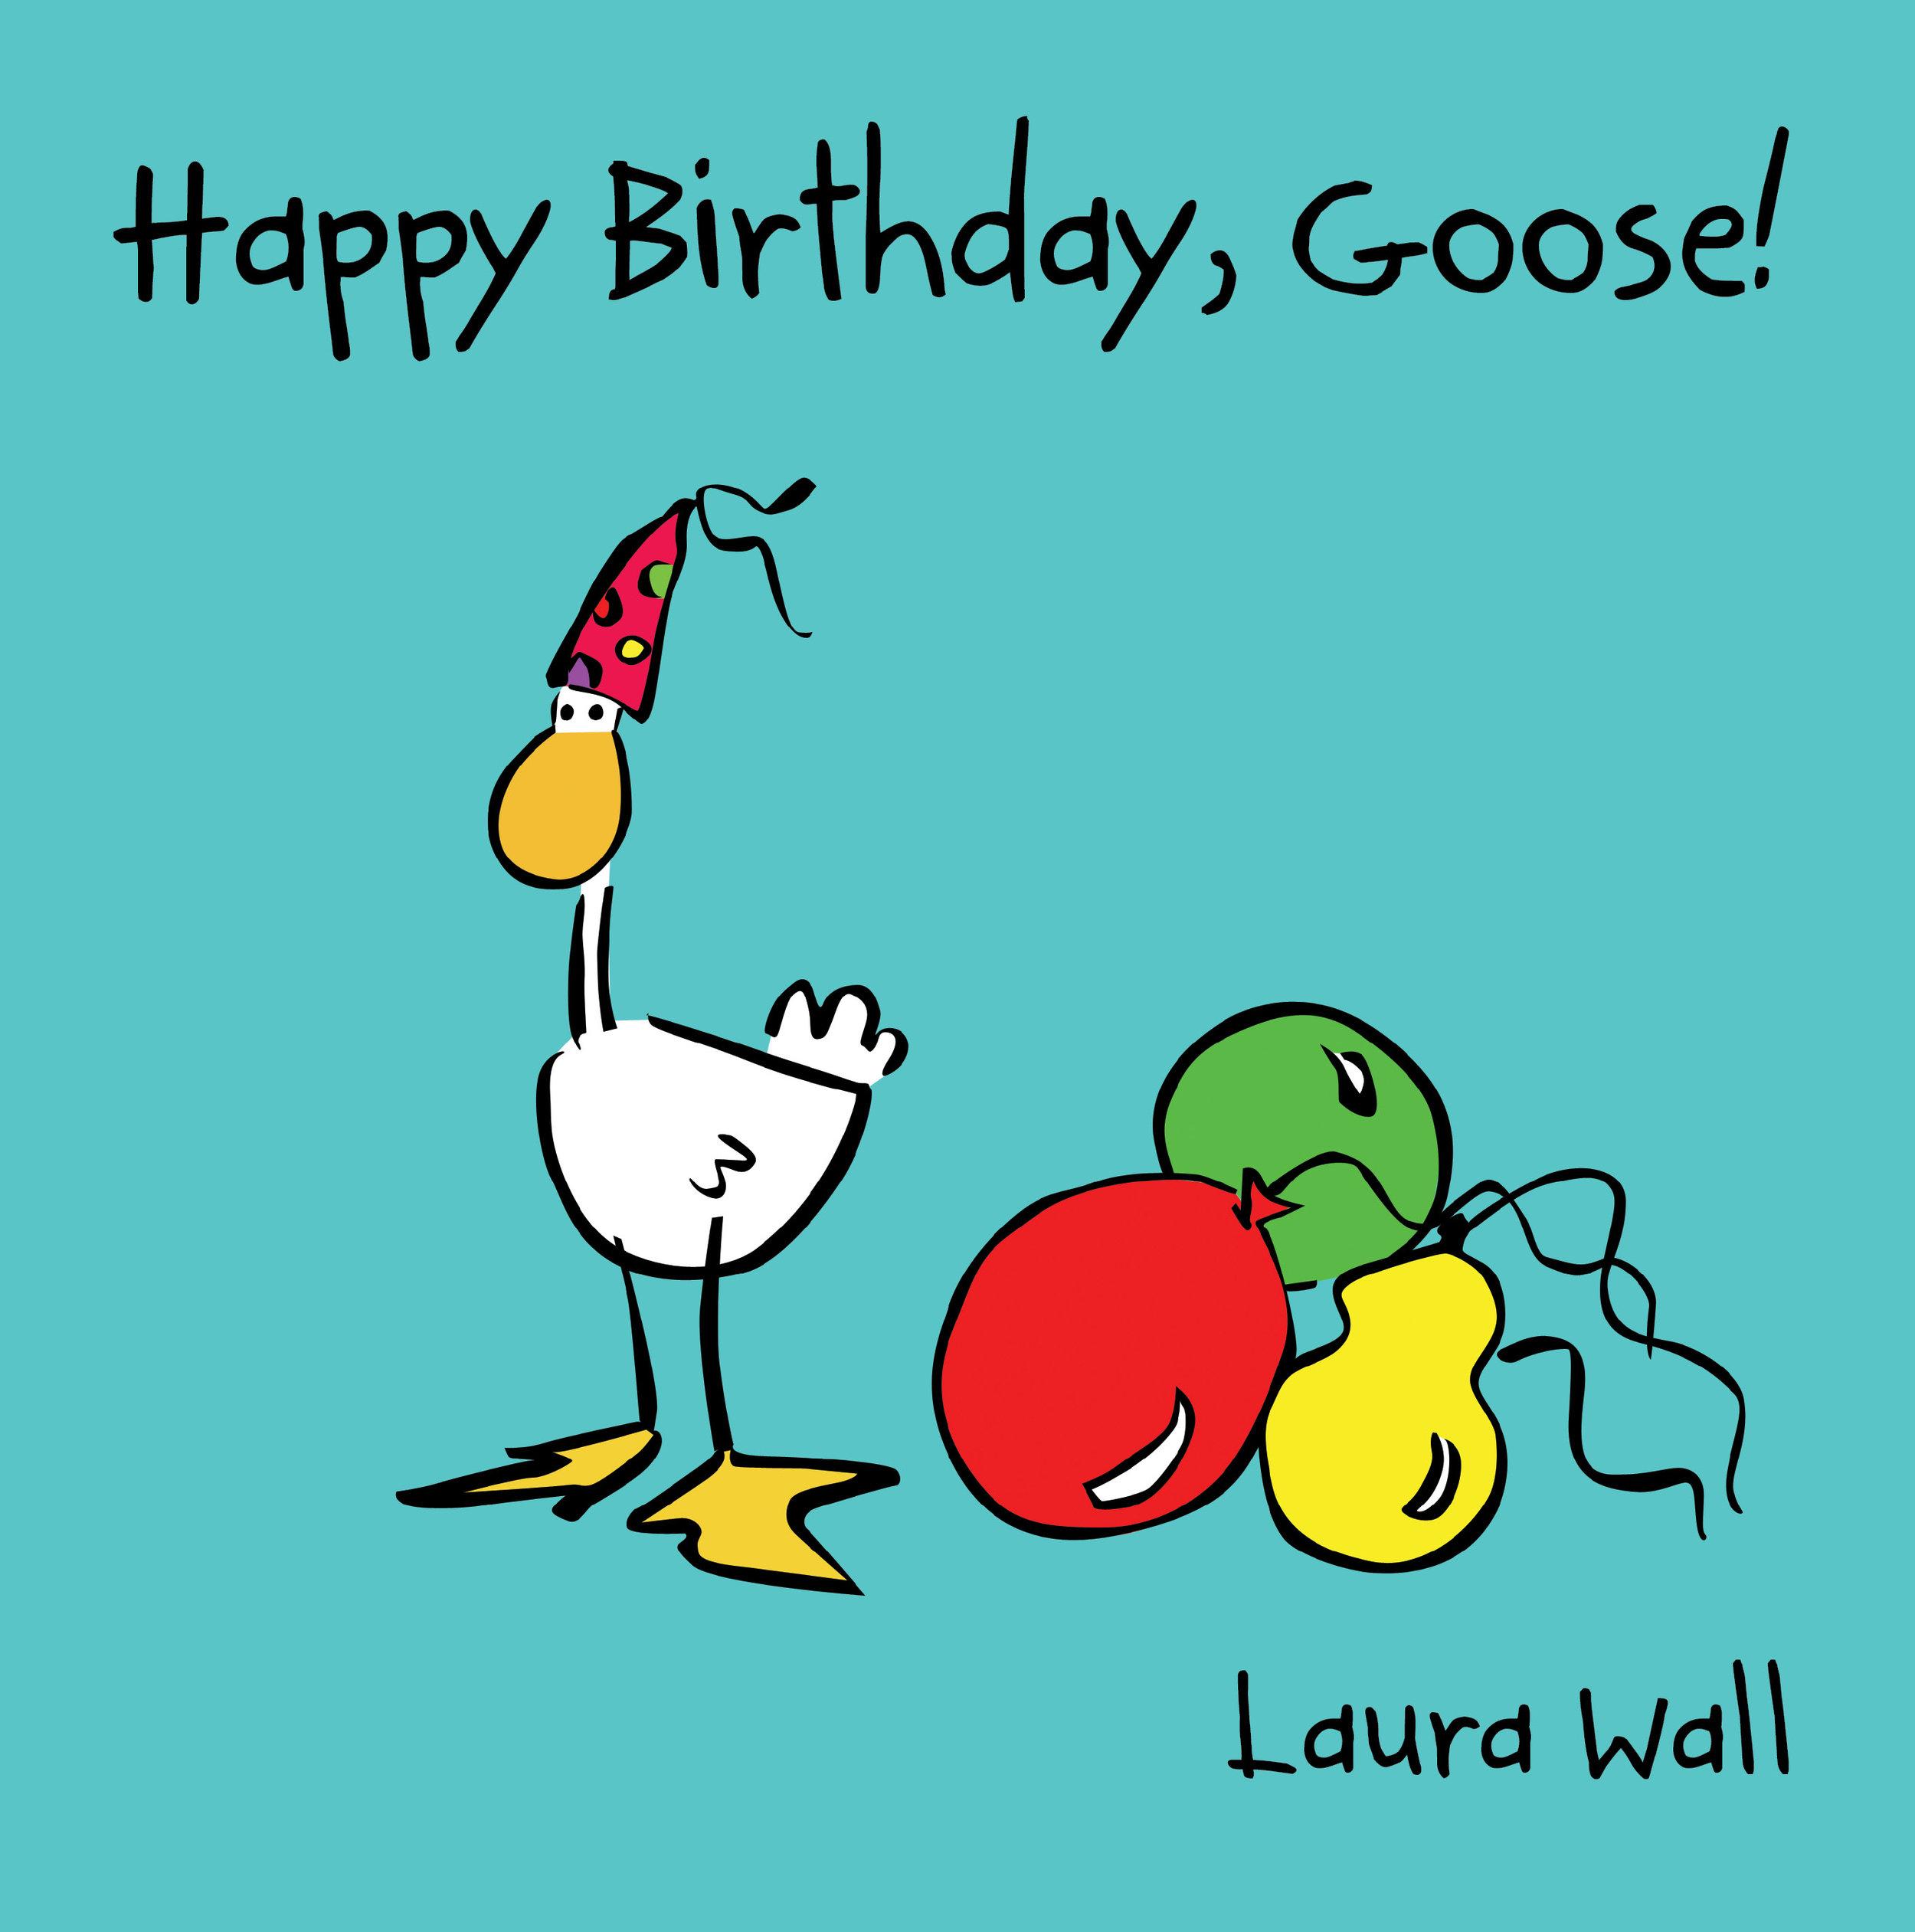 Happy Birthday, Goose